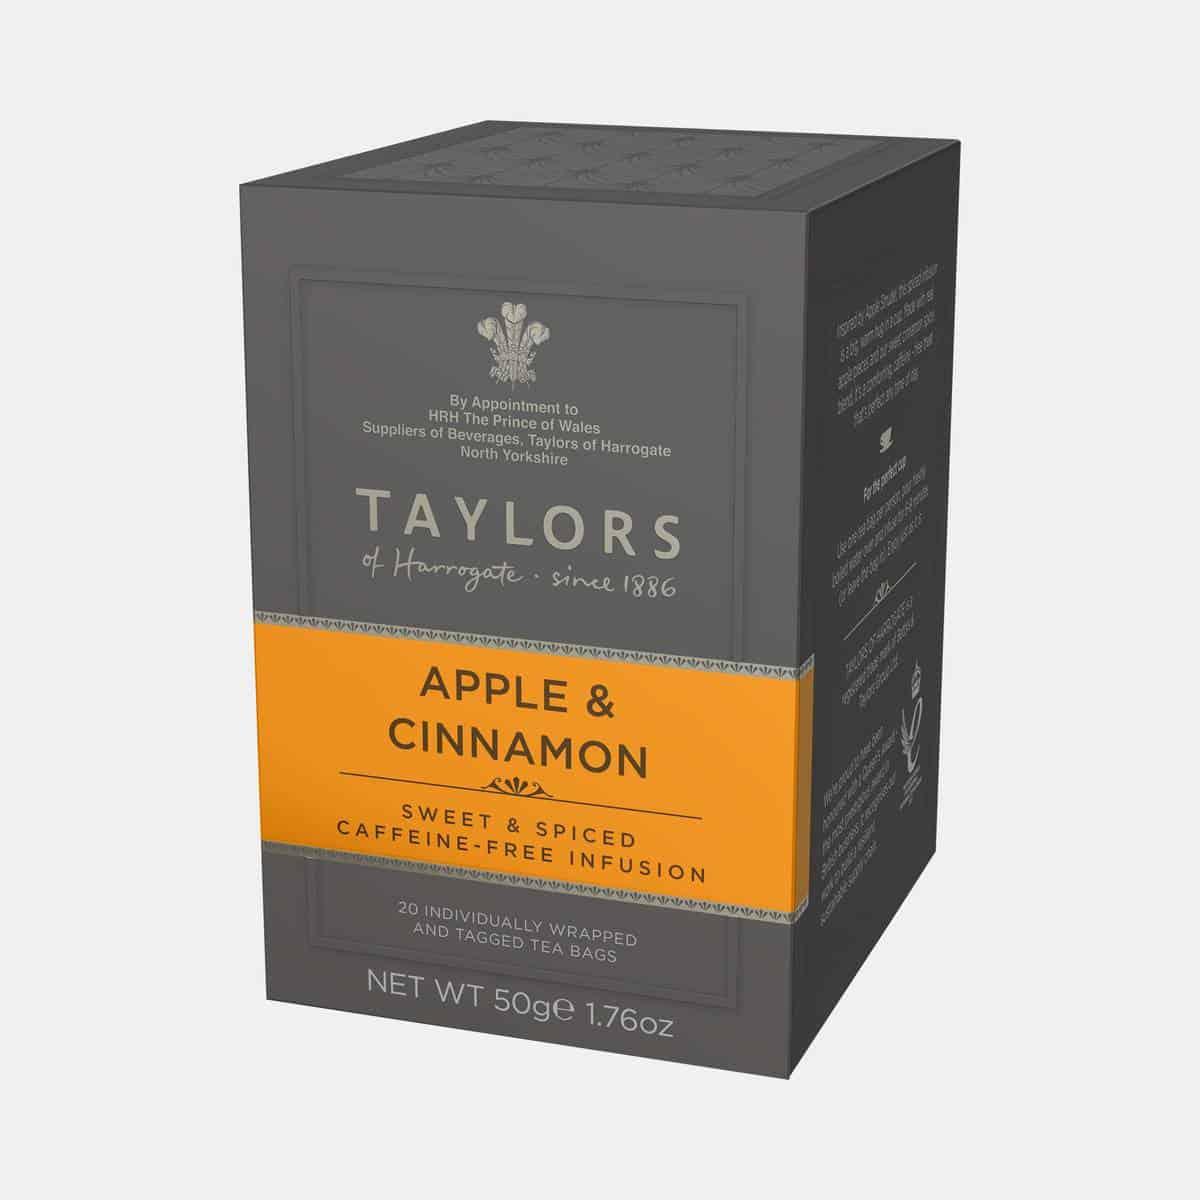 Taylors of Harrogate Apple & Cinnamon Tea 50g